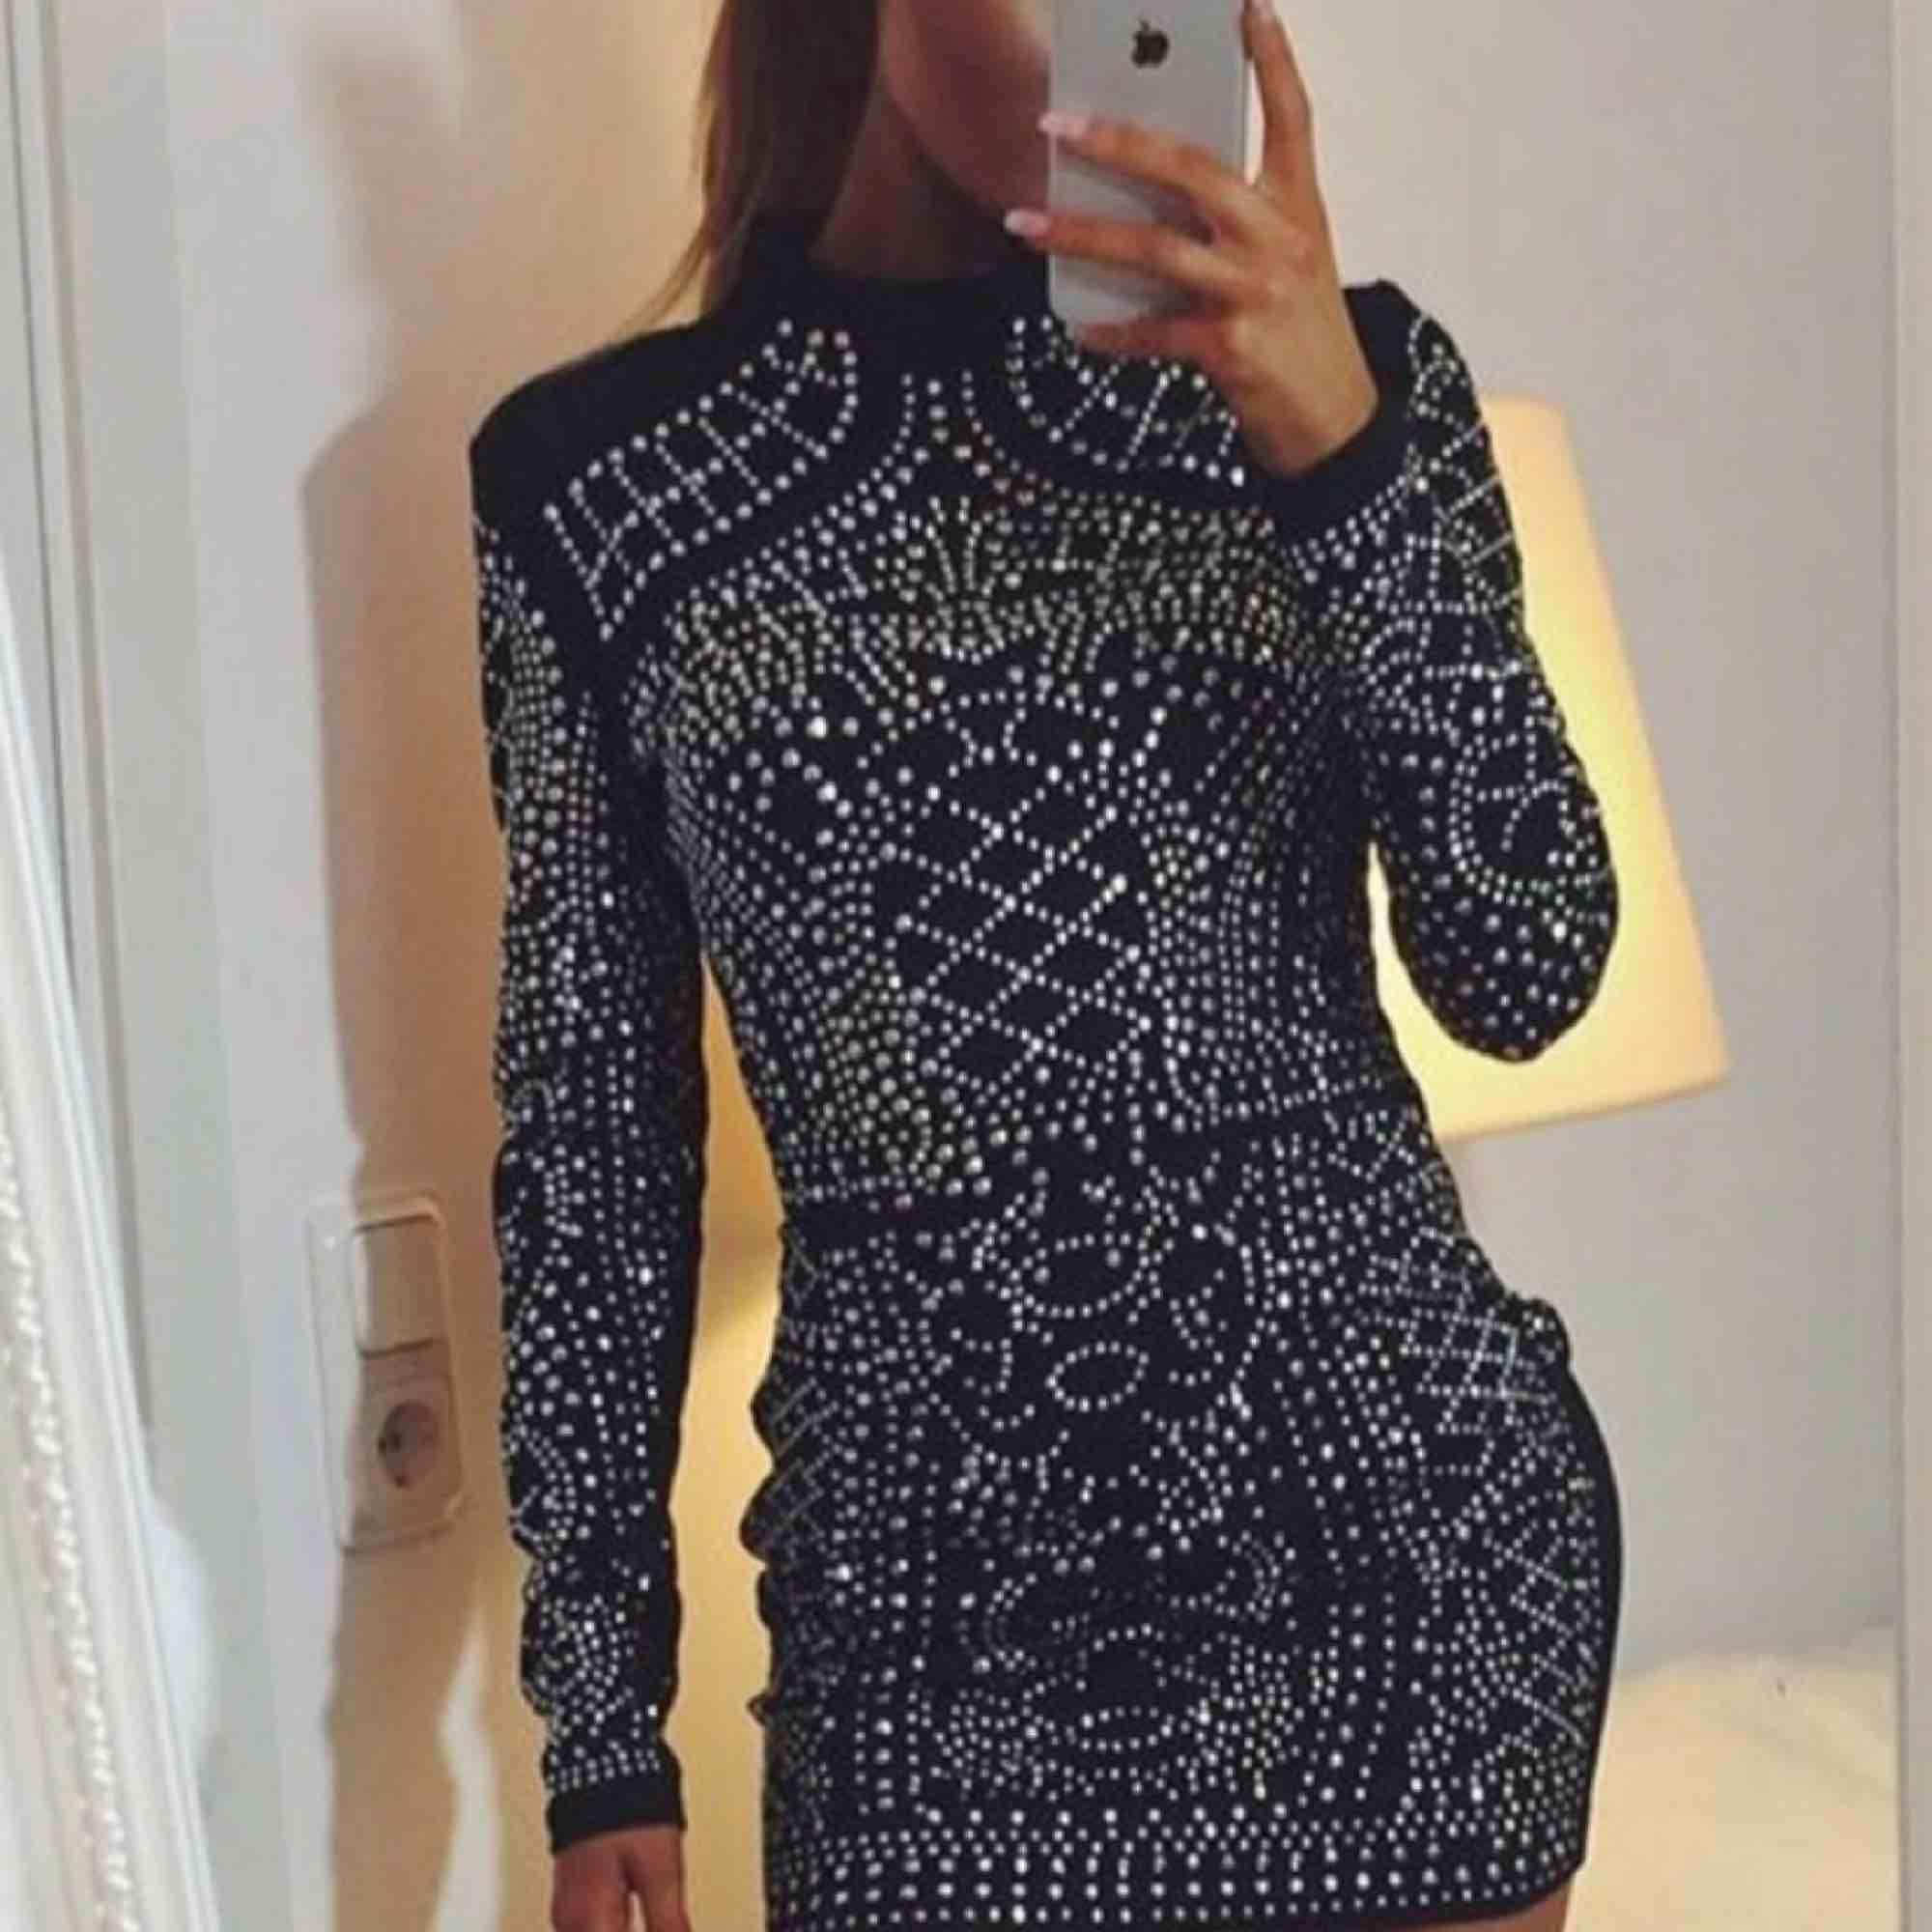 Svart klänning med paljetter/stenar. Jättefin klänning. Frakt inräknat . Klänningar.